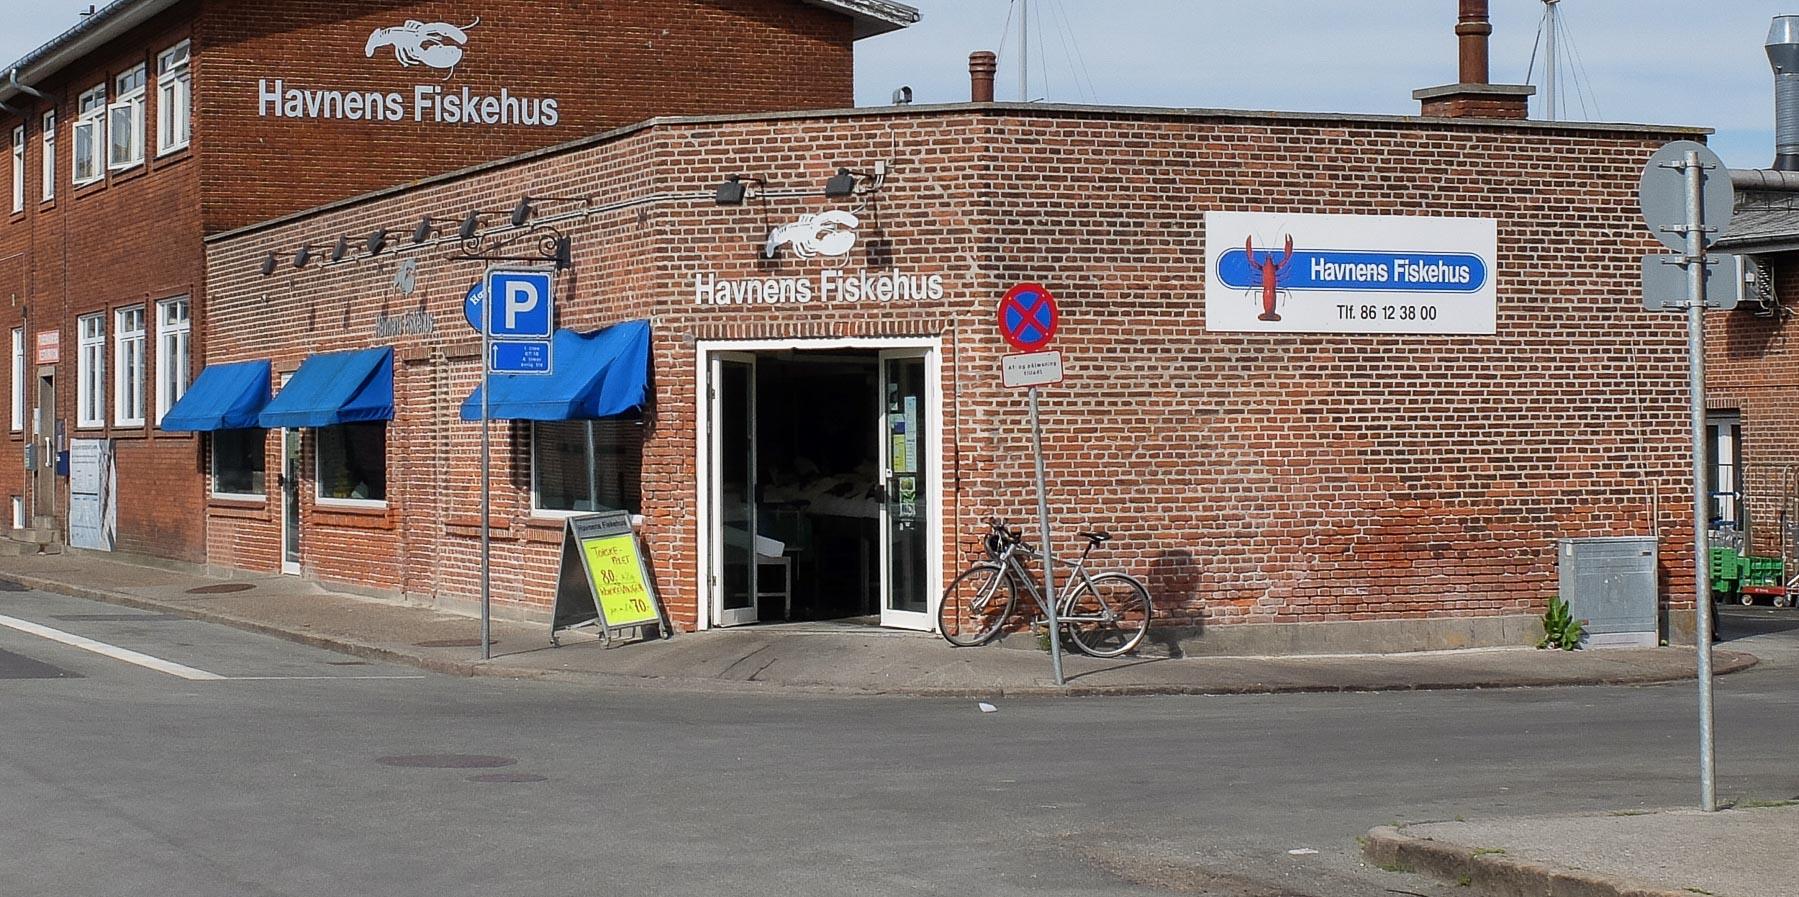 Anmeldelse af Havnens Fiskehus: Stjerneskuddet og tarteletterne var bedre end de fleste restauranter kan præstere